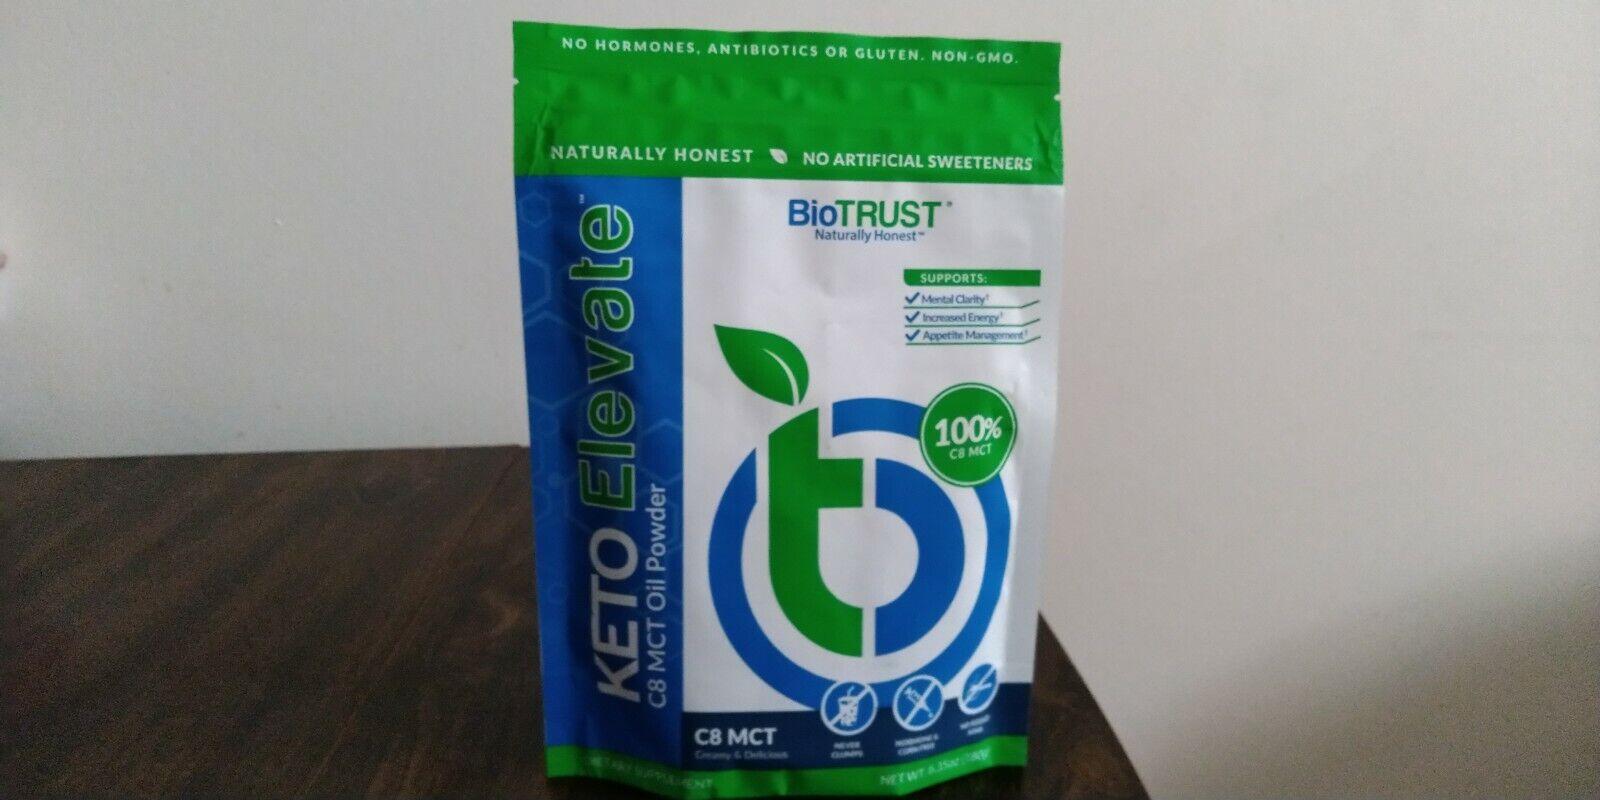 BioTRUST Keto Elevate 100% C8 MCT Oil Powder Creamy & Delicious Exp 06/22 : NEW